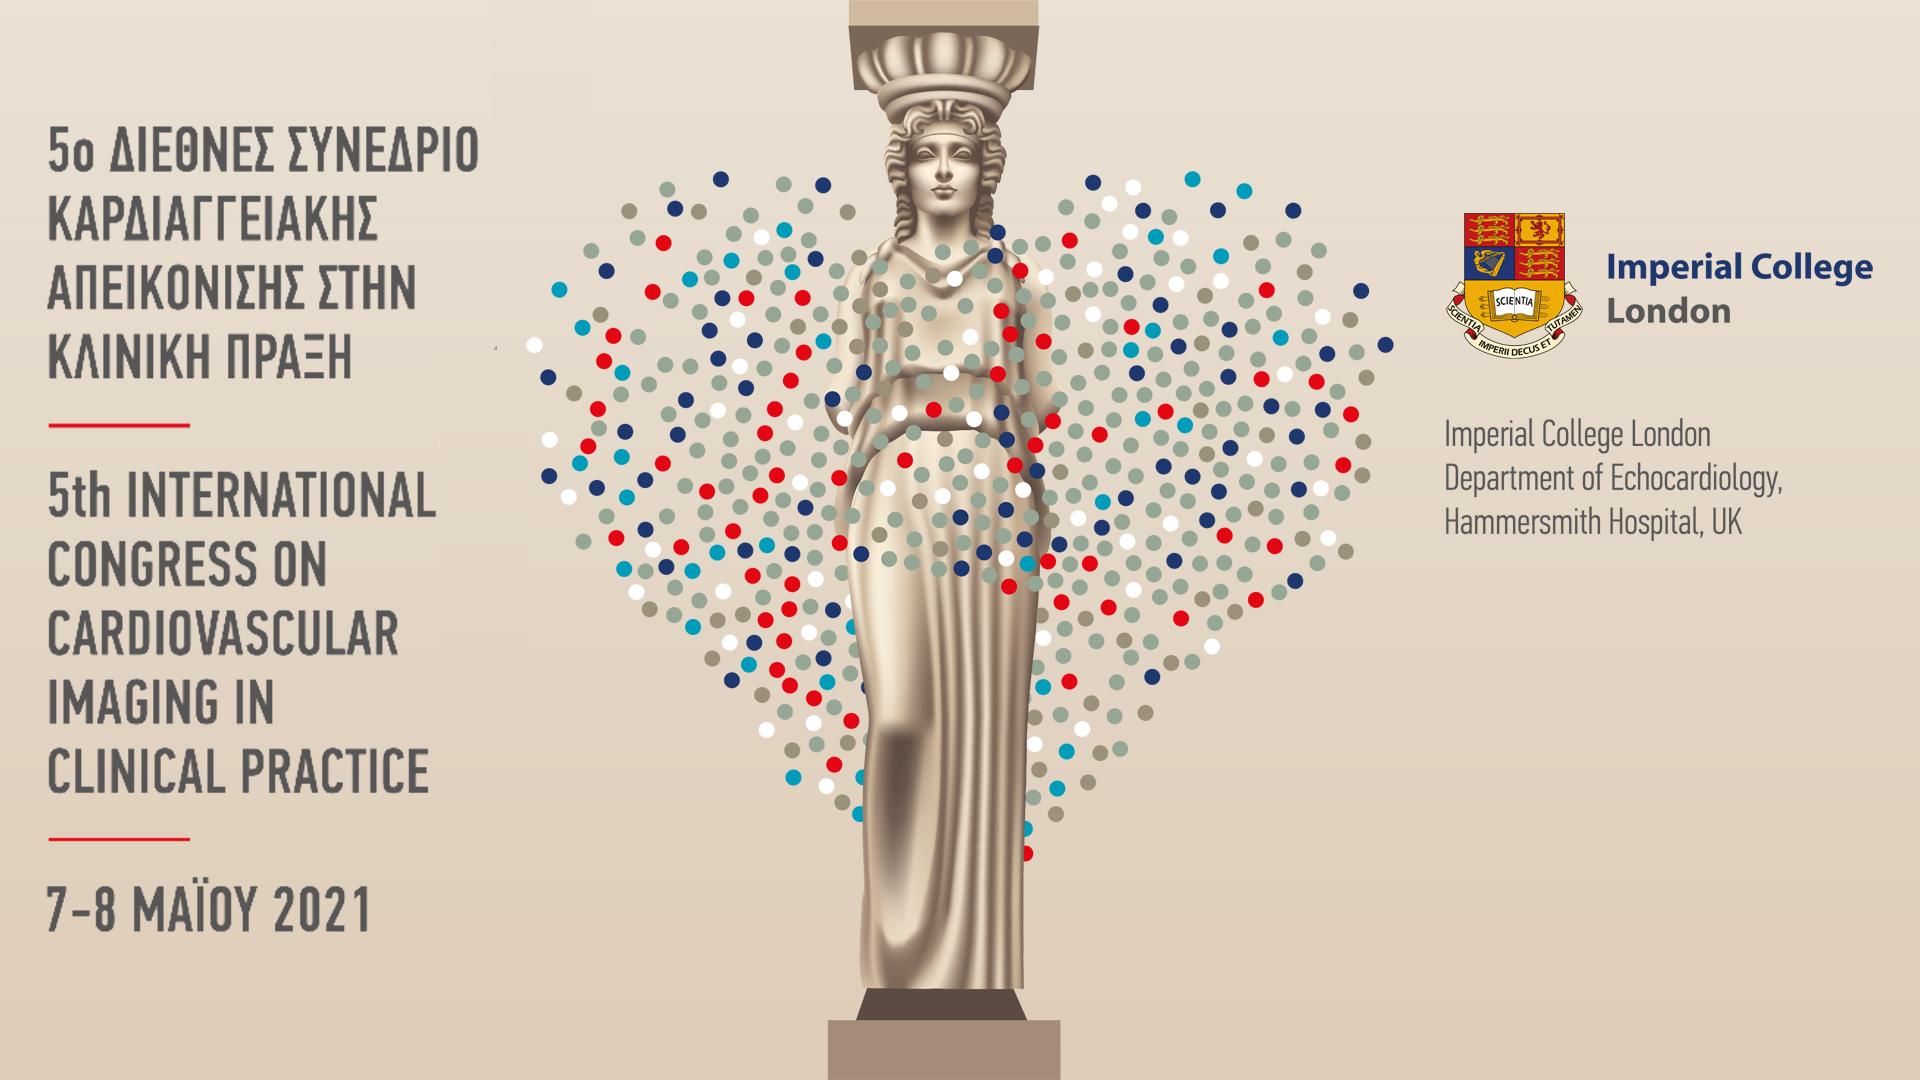 5ο Διεθνές Συνέδριο Καρδιαγγειακής Απεικόνισης στην Κλινική Πράξη